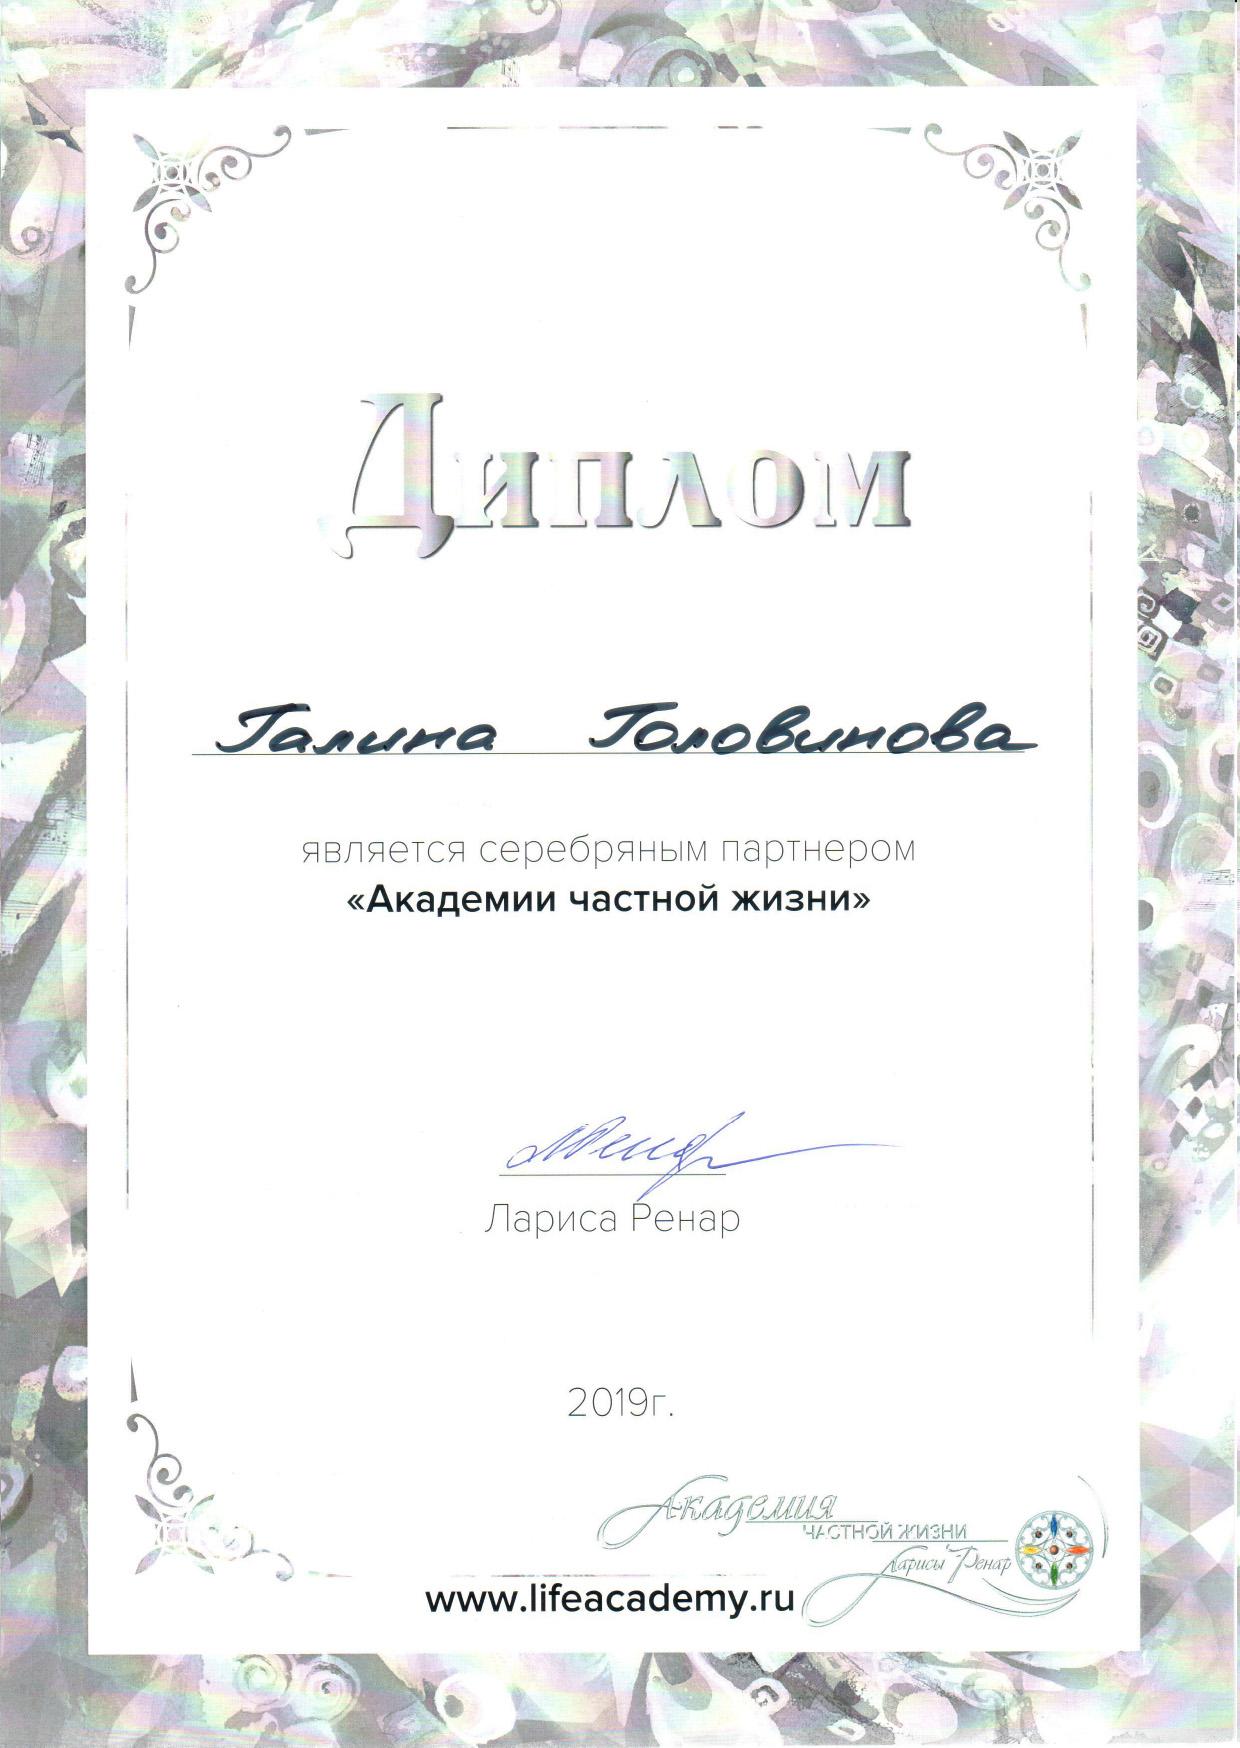 Галина Головинова